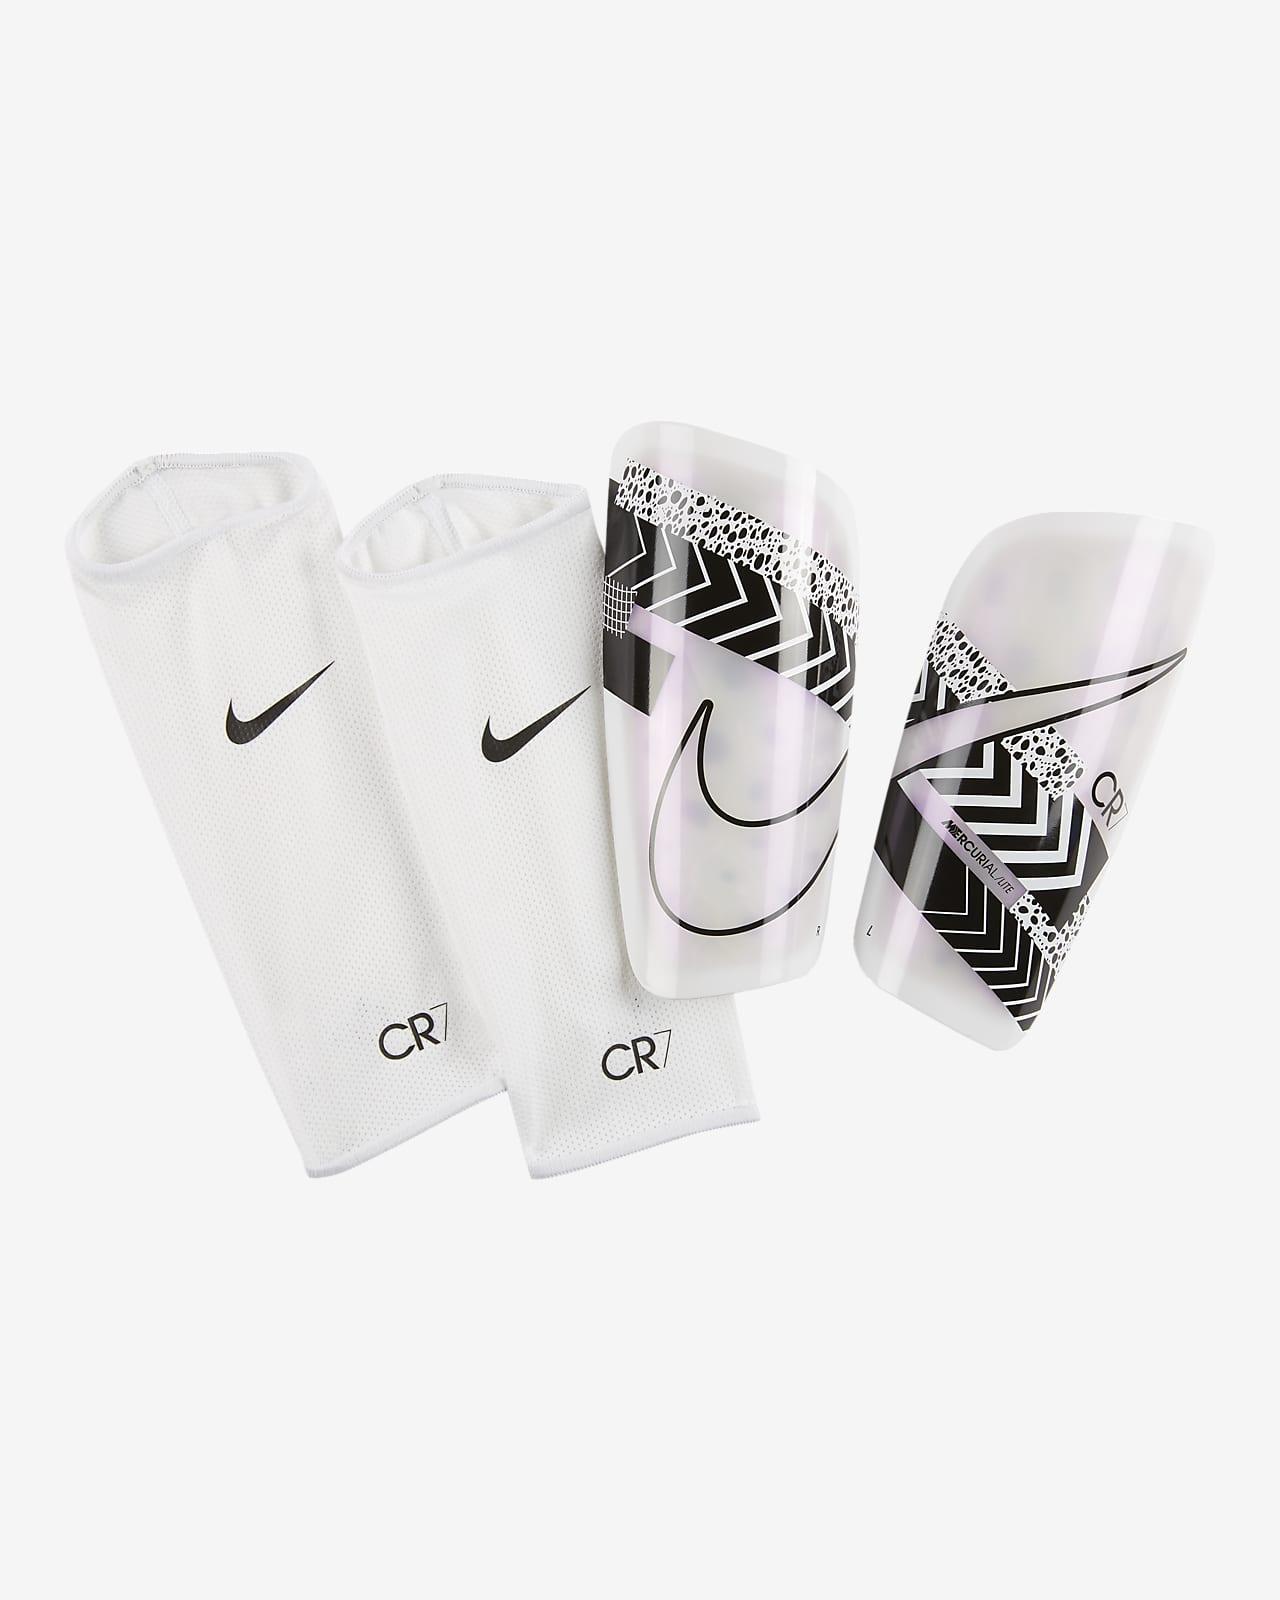 Nike Mercurial Lite CR7 futball-lábszárvédő